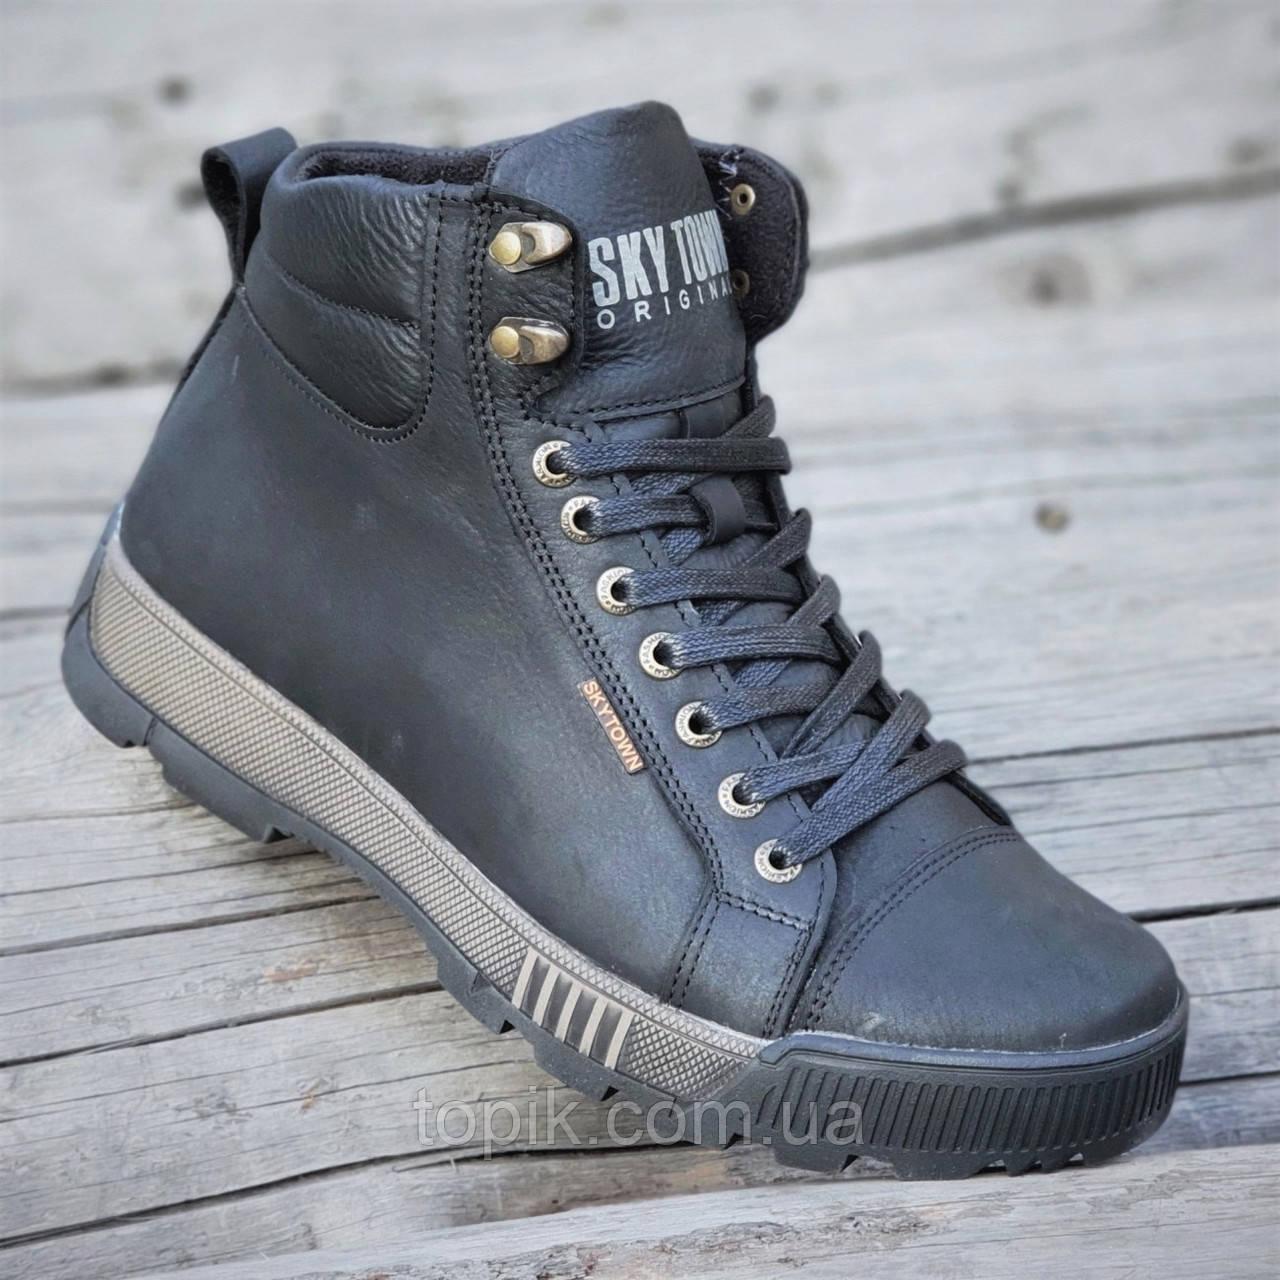 Стильные зимние мужские спортивные ботинки кожаные черные натуральный мех на толстой подошве (Код: 1296)